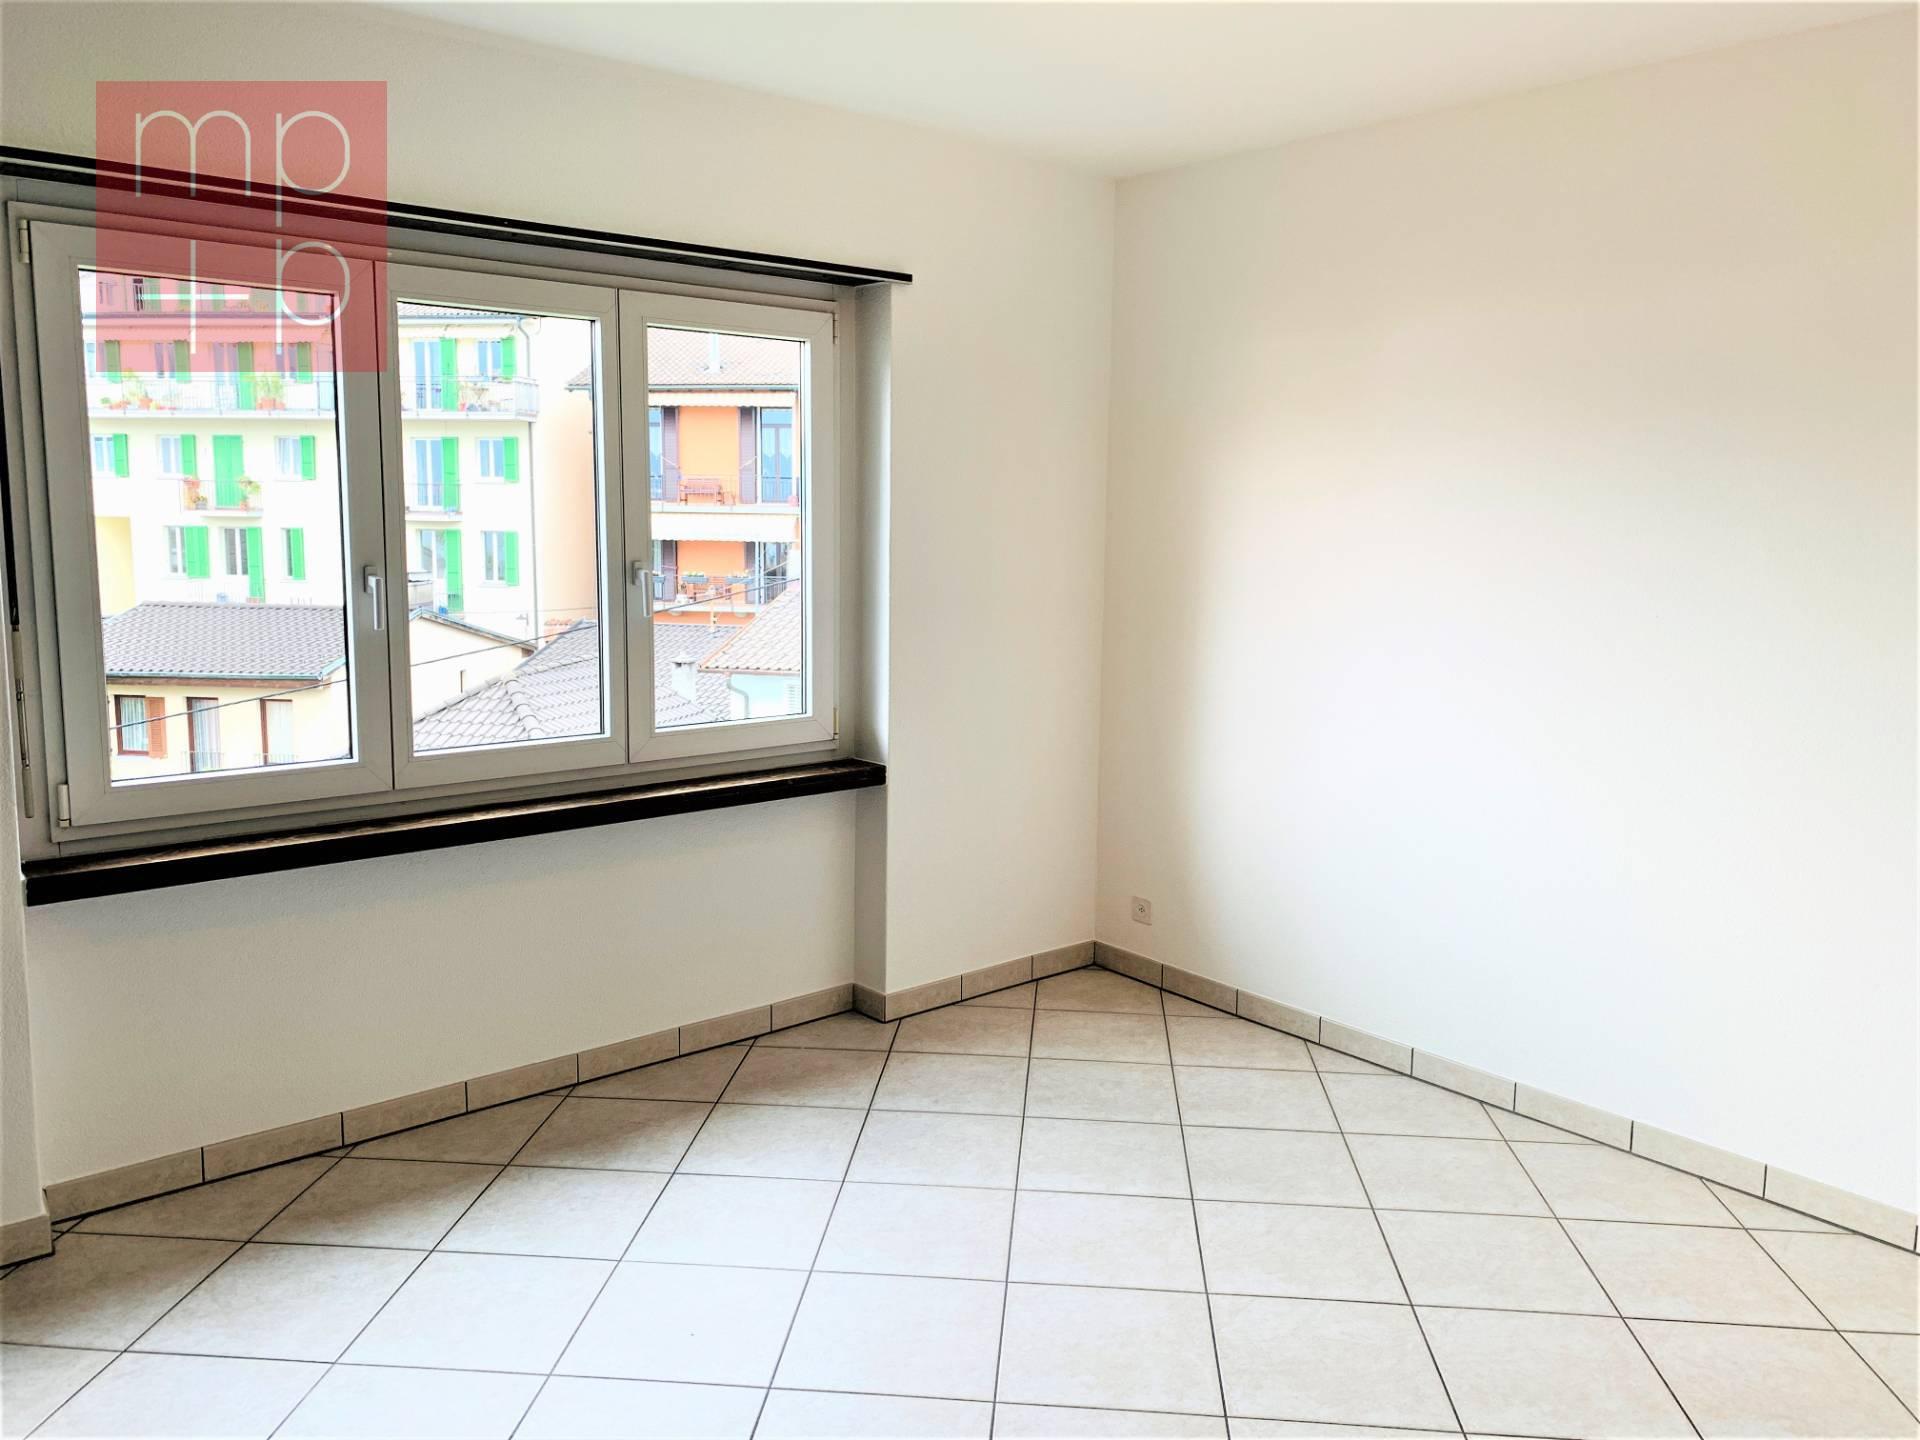 Affitto: appartamento con bella vista sul Lago Ceresio